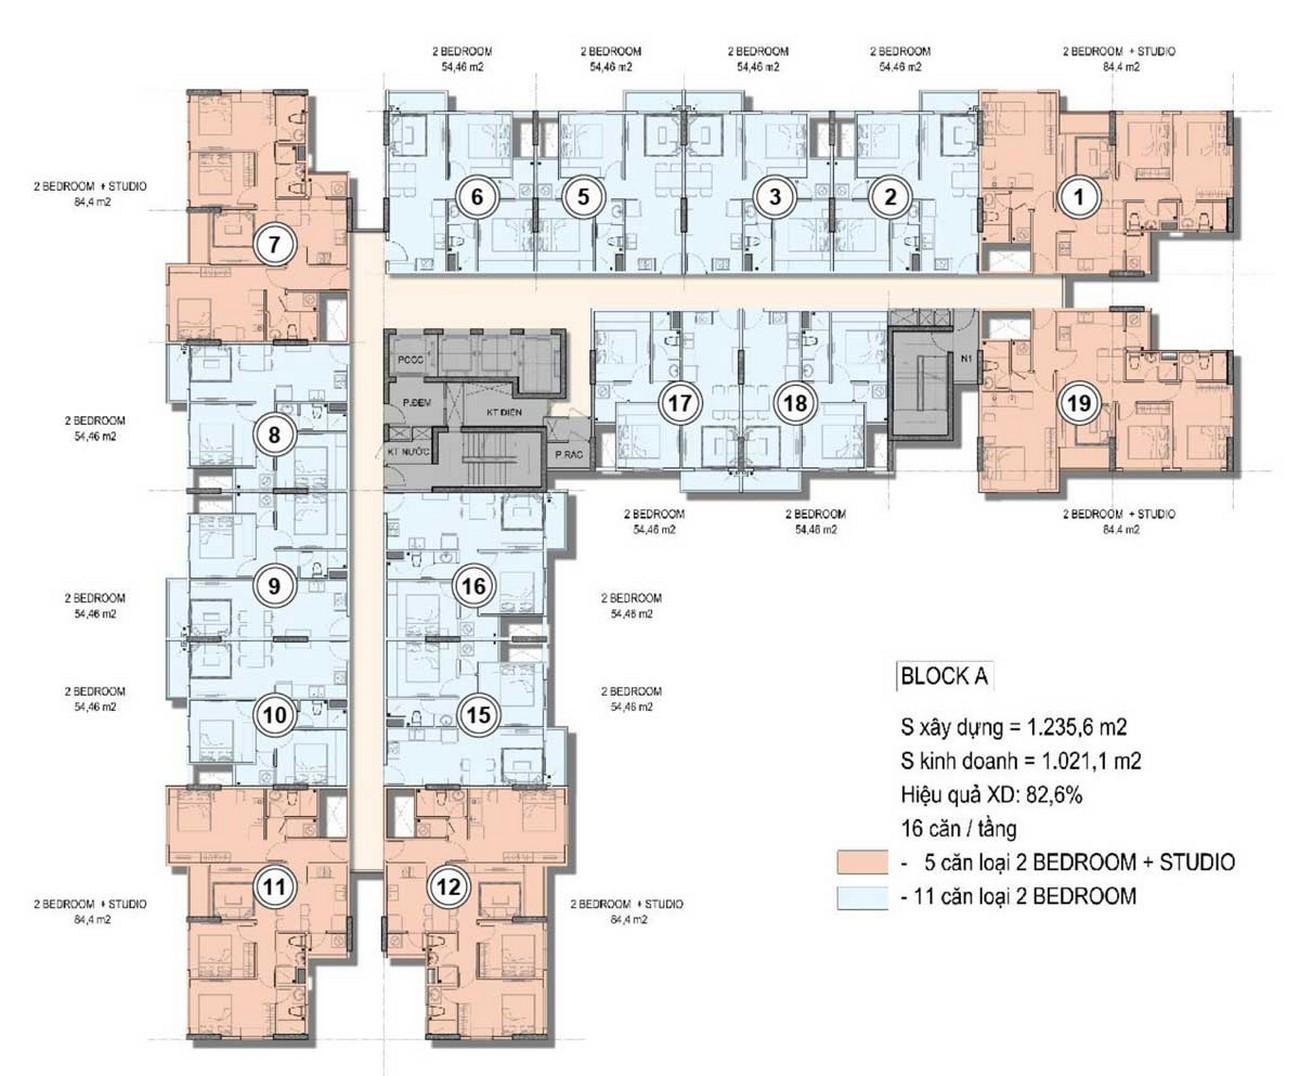 Mặt bằng dự án căn hộ chung cư City Gate 5 Bình Chánh Đường Hưng Nhơn chủ đầu tư NBB